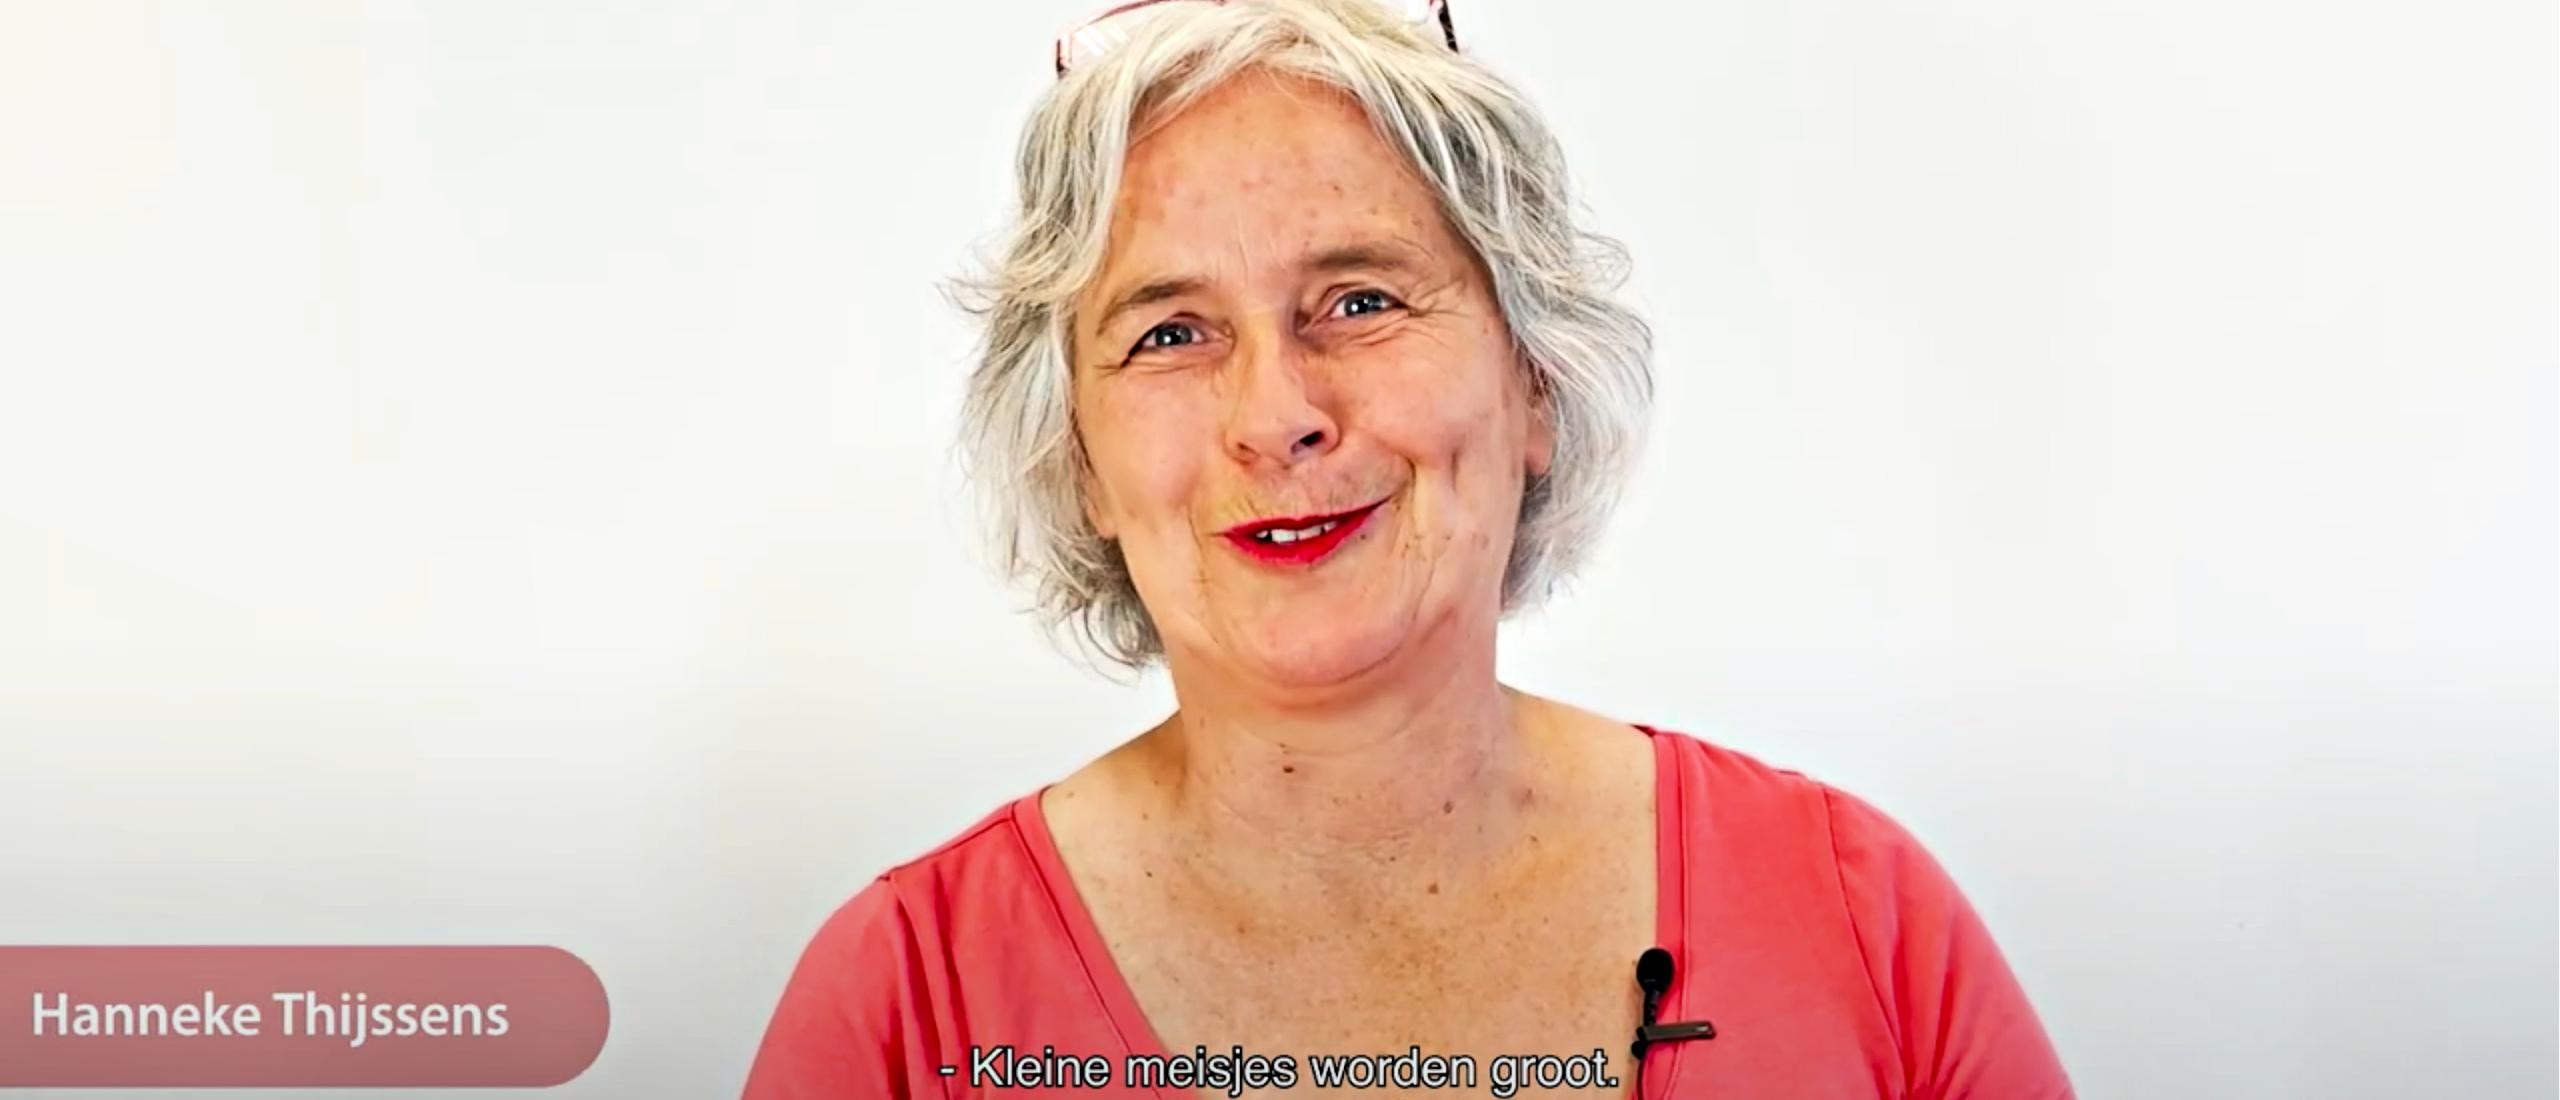 Hanneke pitcht voor een baan in het onderwijs